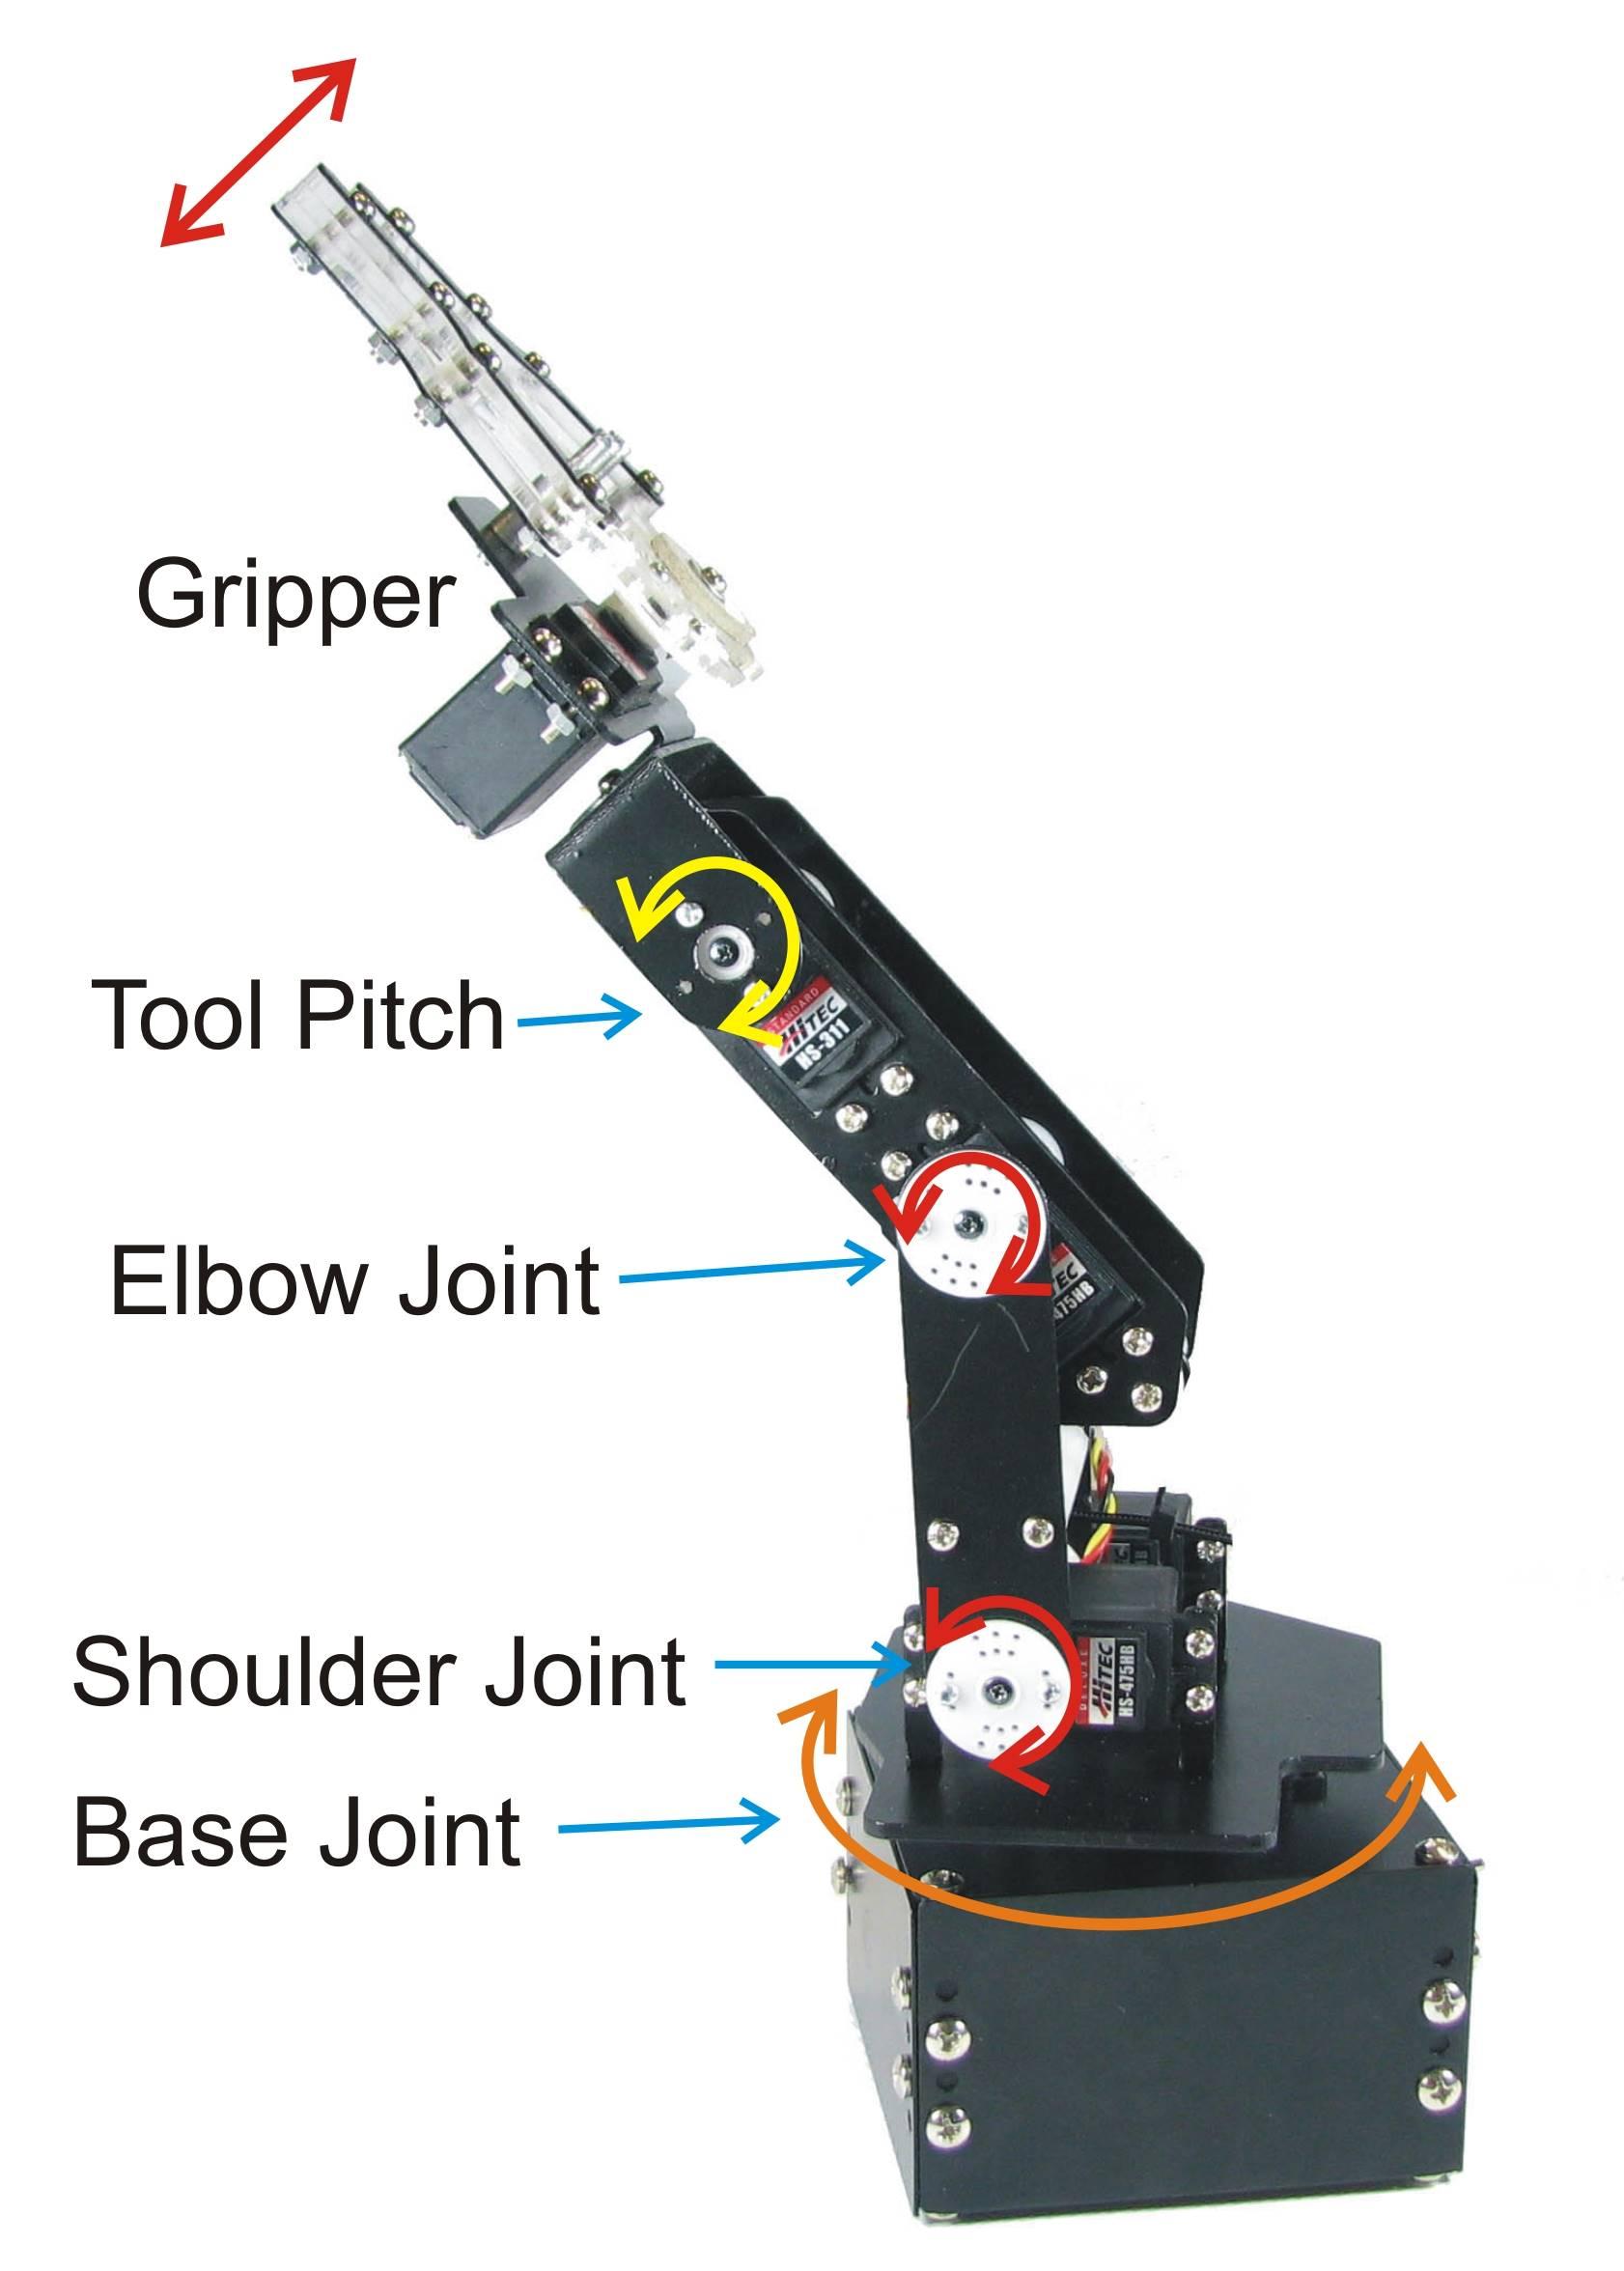 Iarm Robotic Manipulator Iroboticist